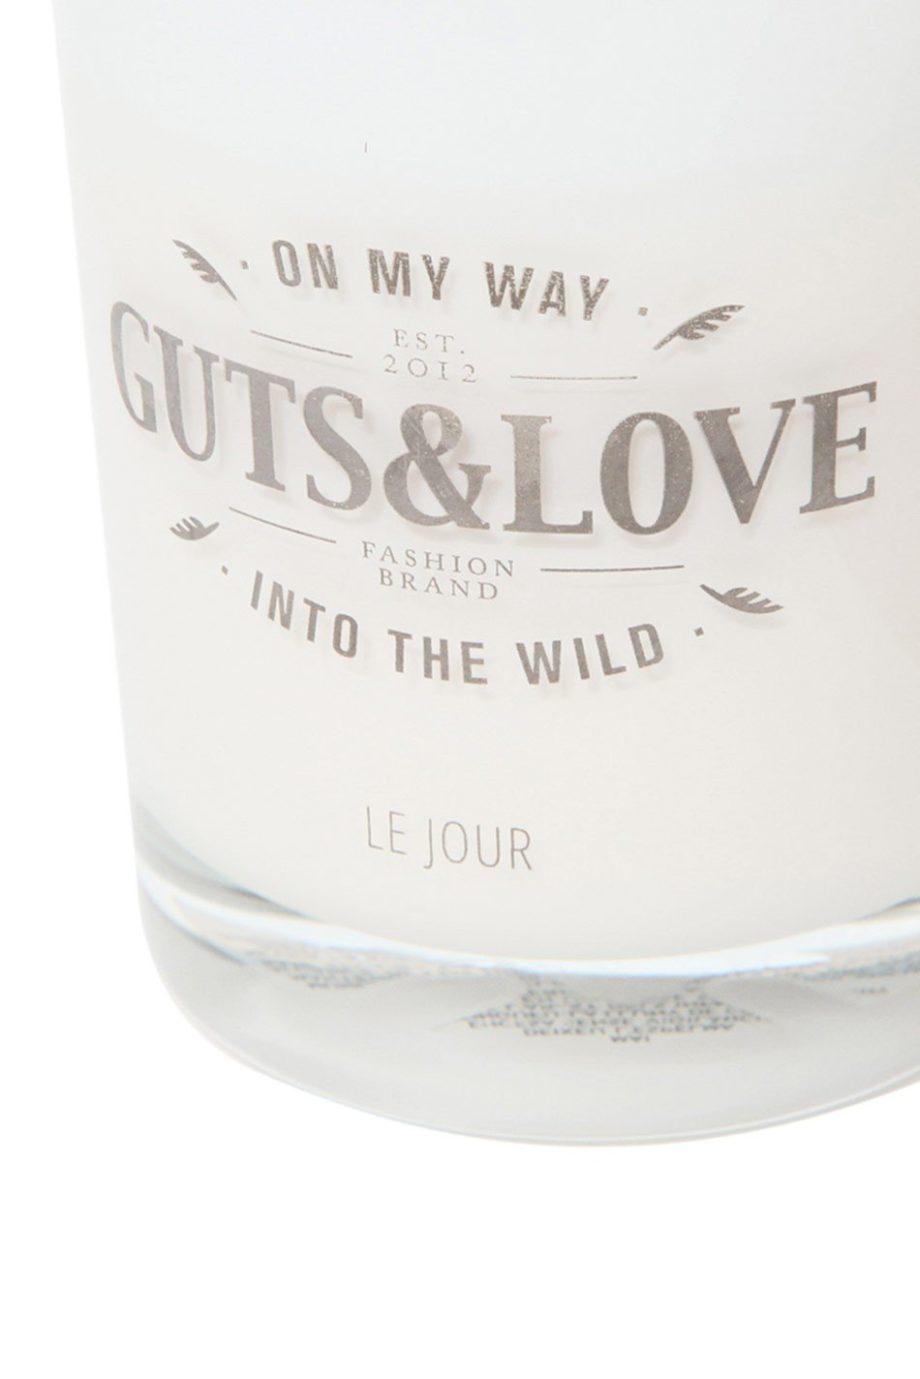 GUTS&LOVE Vela LE JOUR